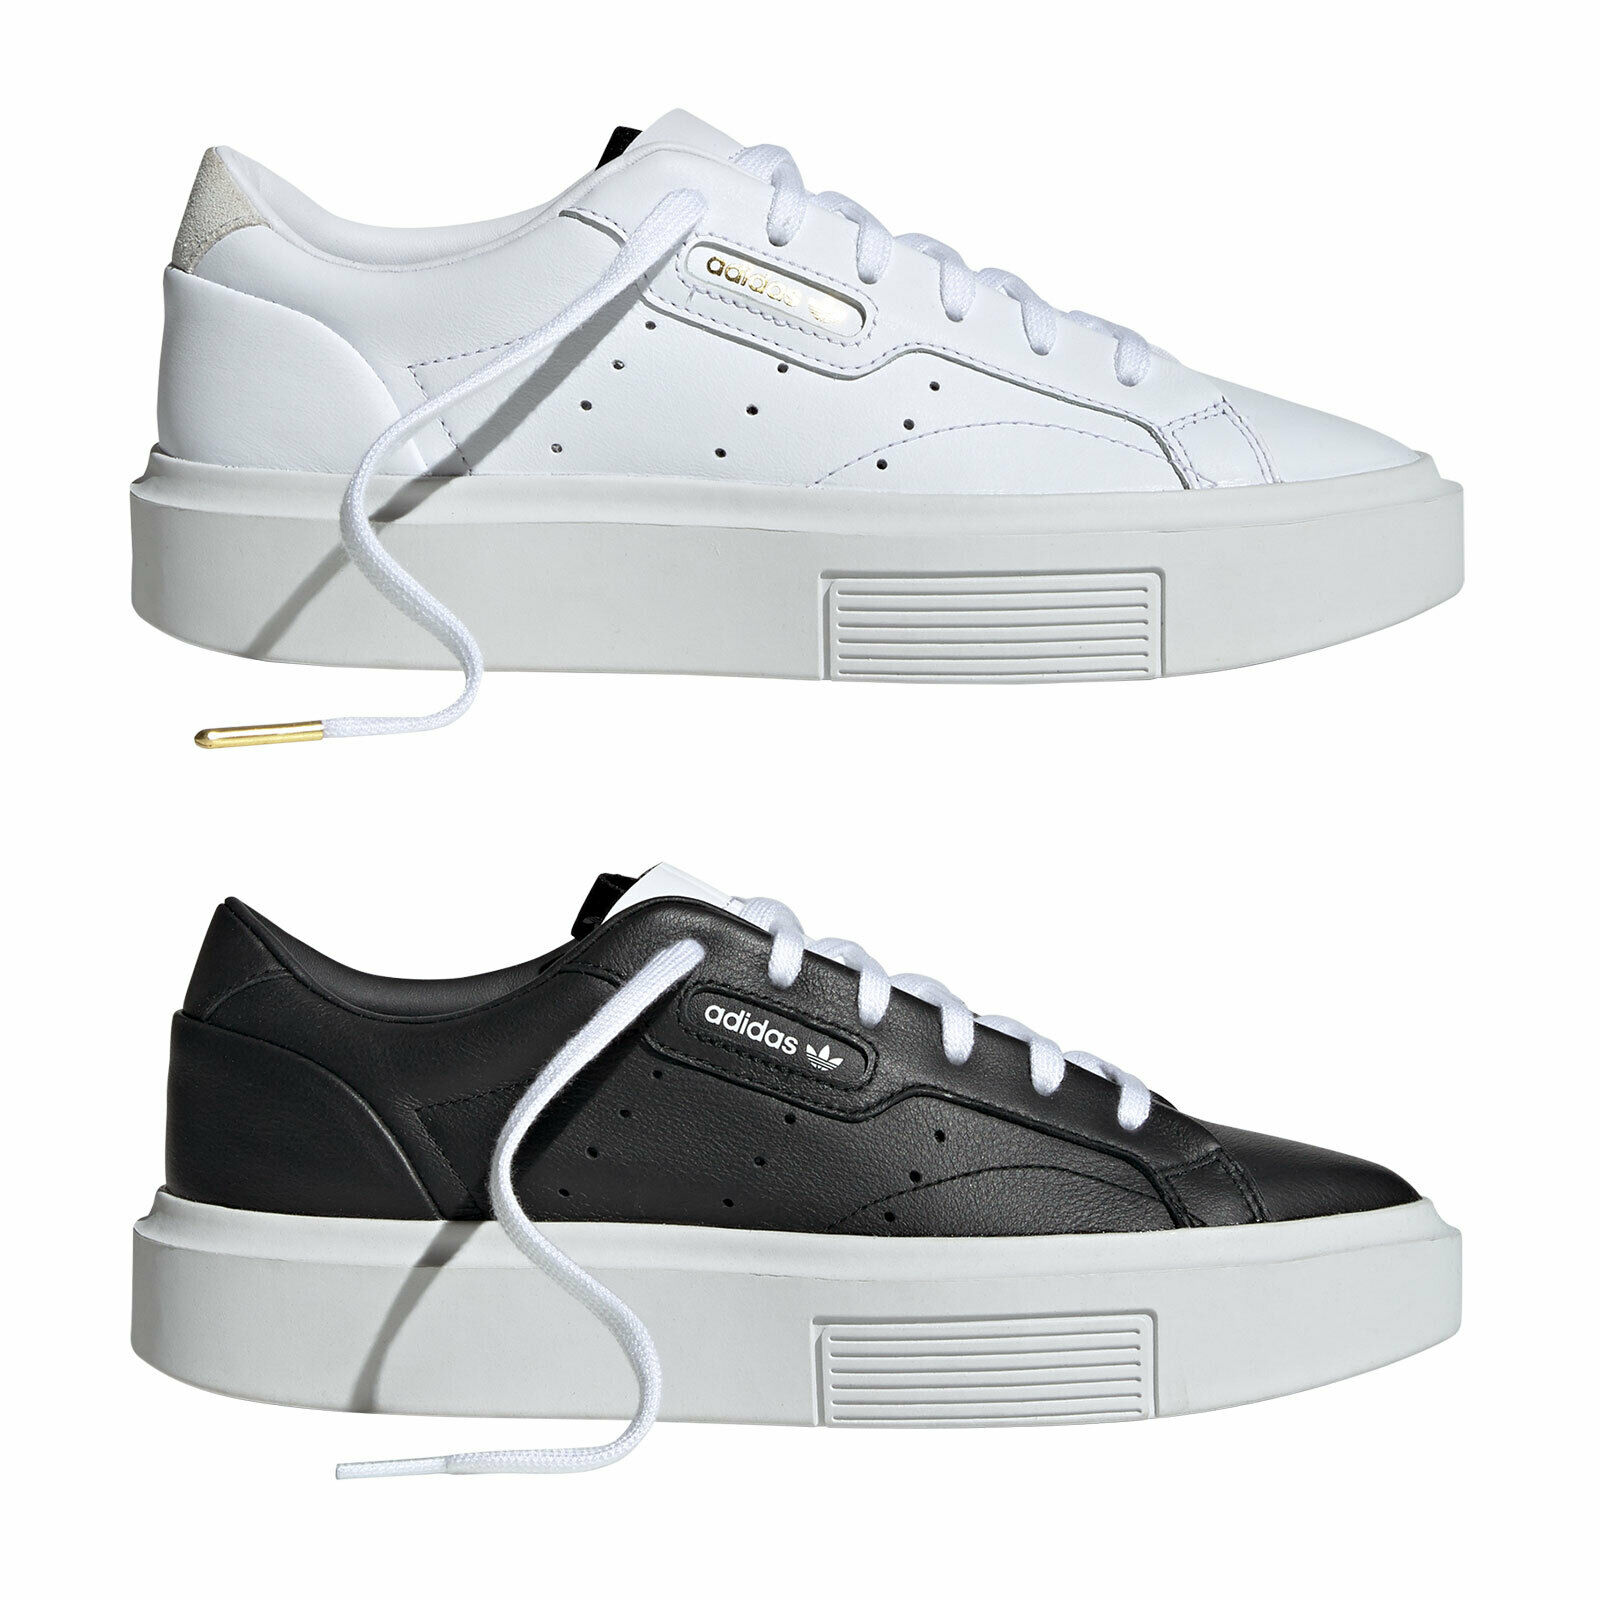 Adidas Adidas Adidas original supersläta skor skor för kvinnor med enbart flatsäng  100% passform garanti